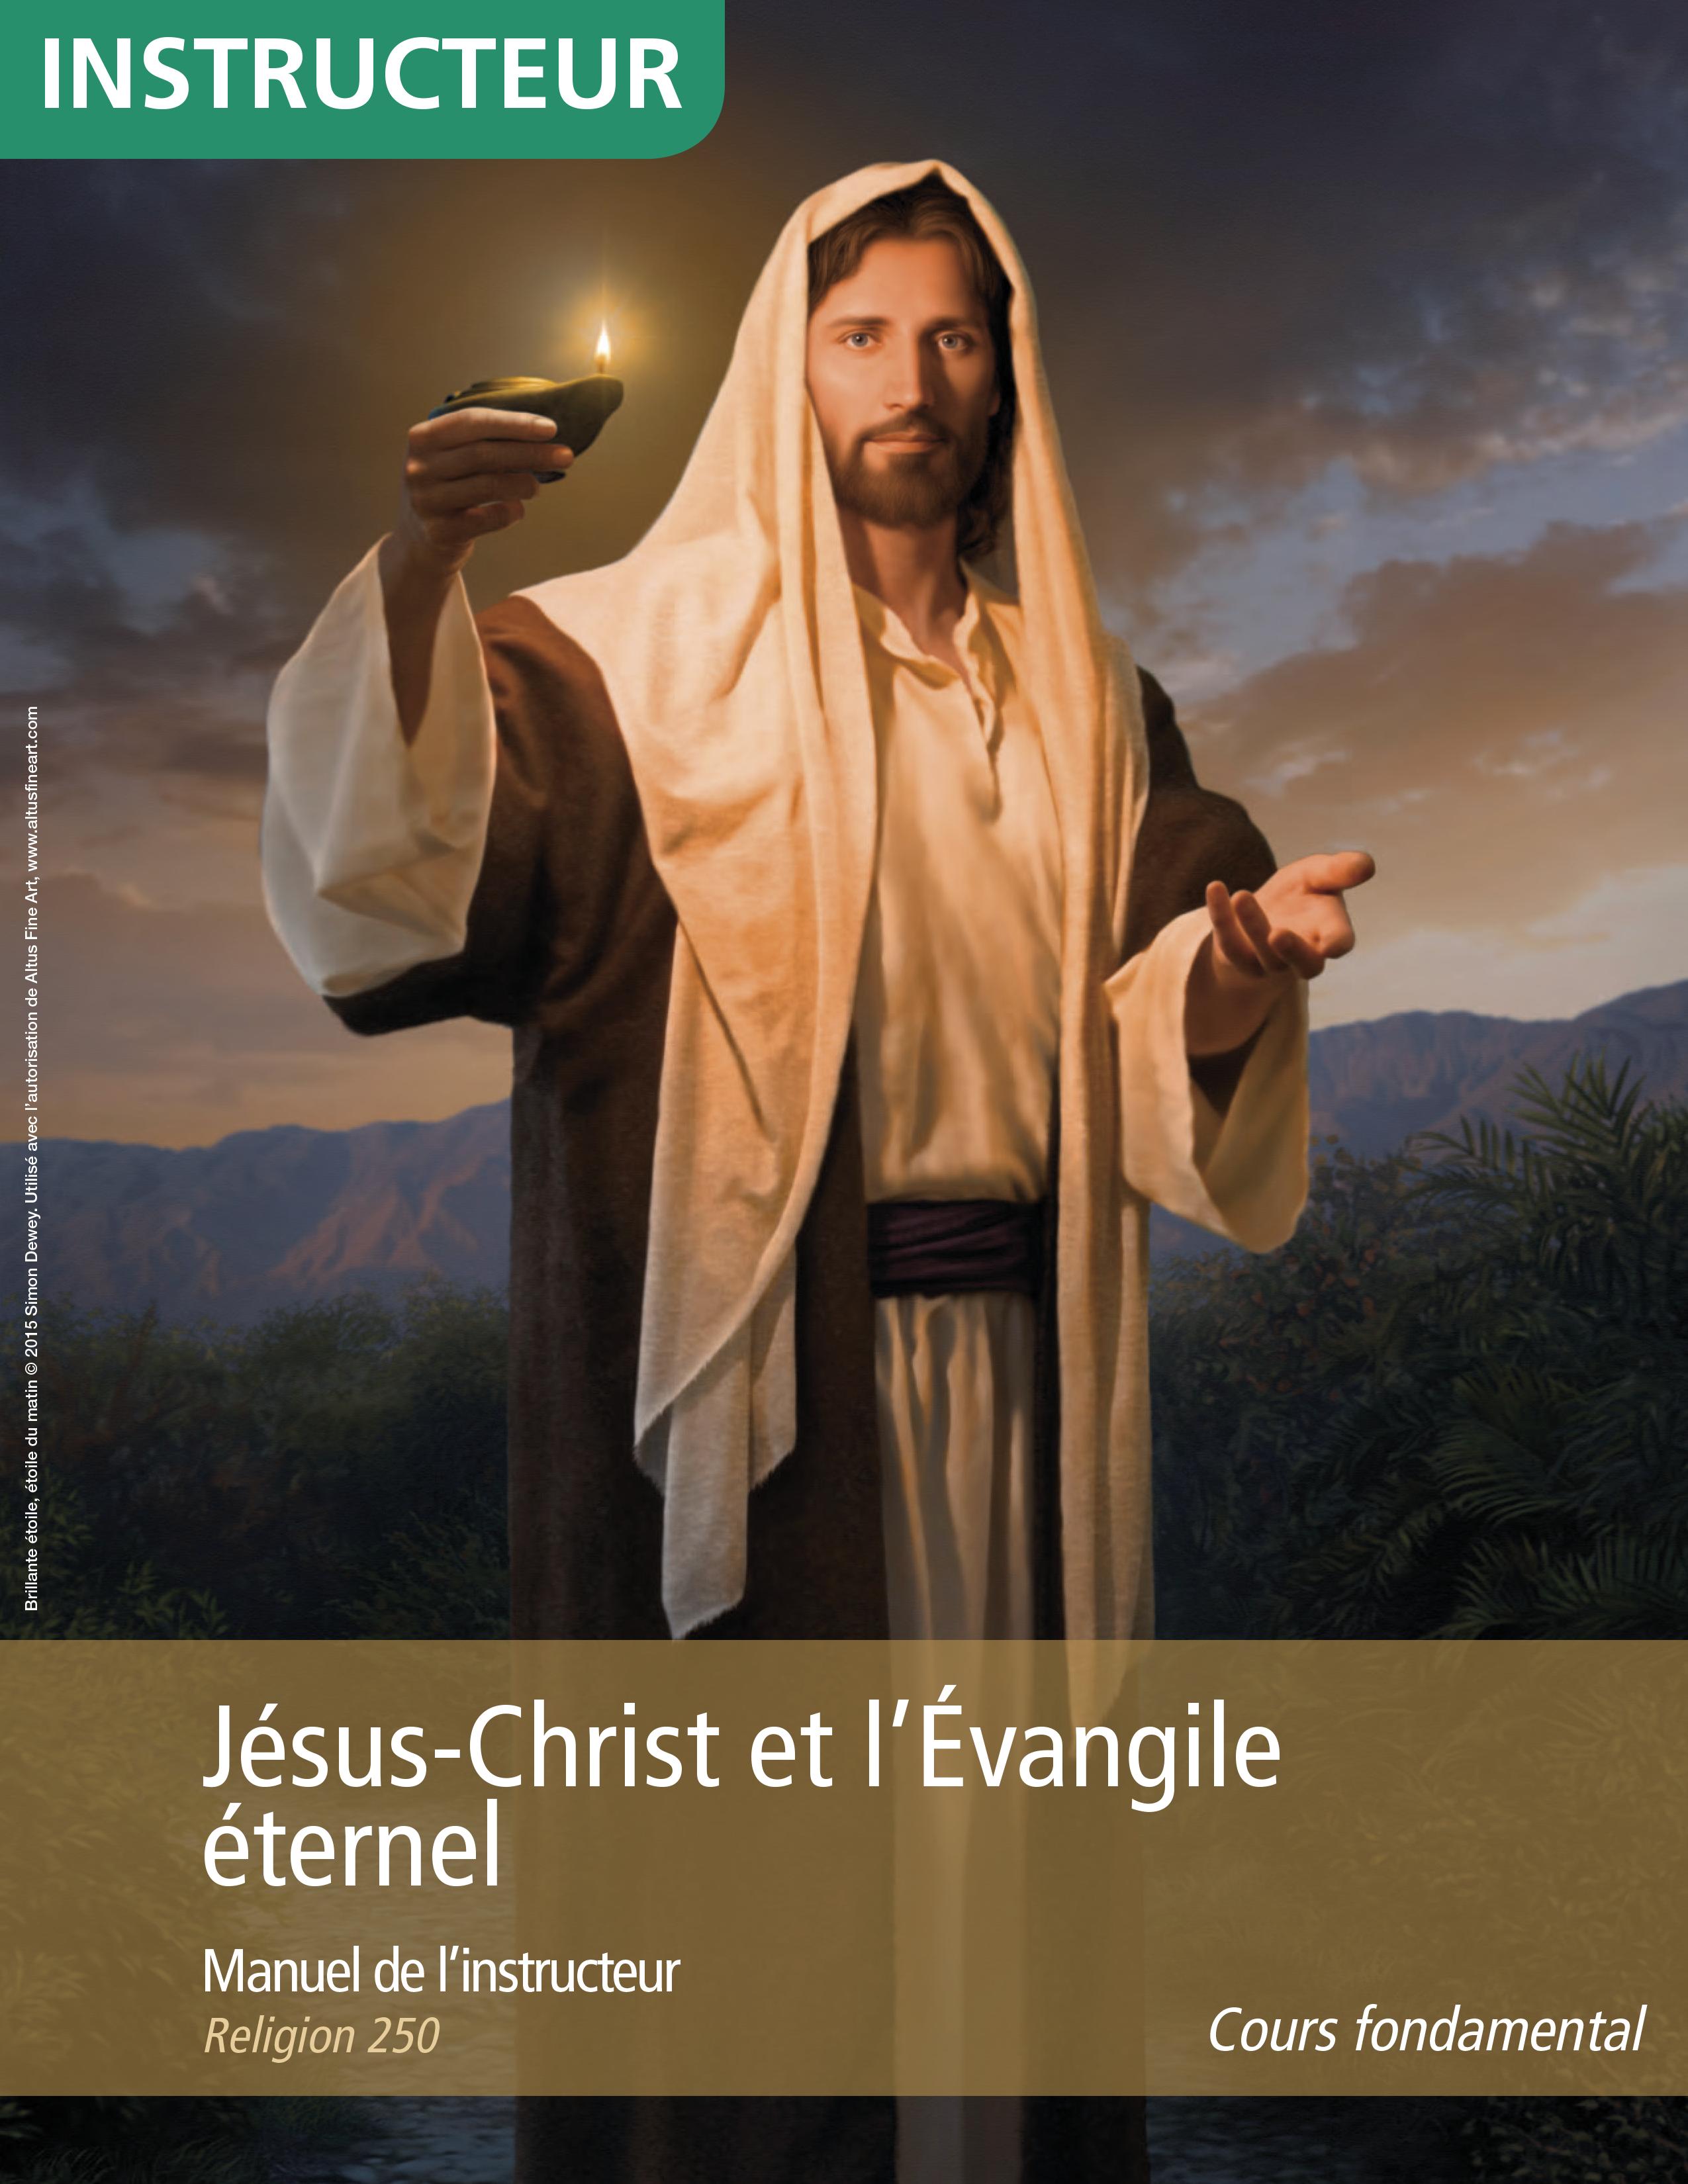 Jésus-Christ et l'Évangile éternel, manuel de l'instructeur (Religion 250)